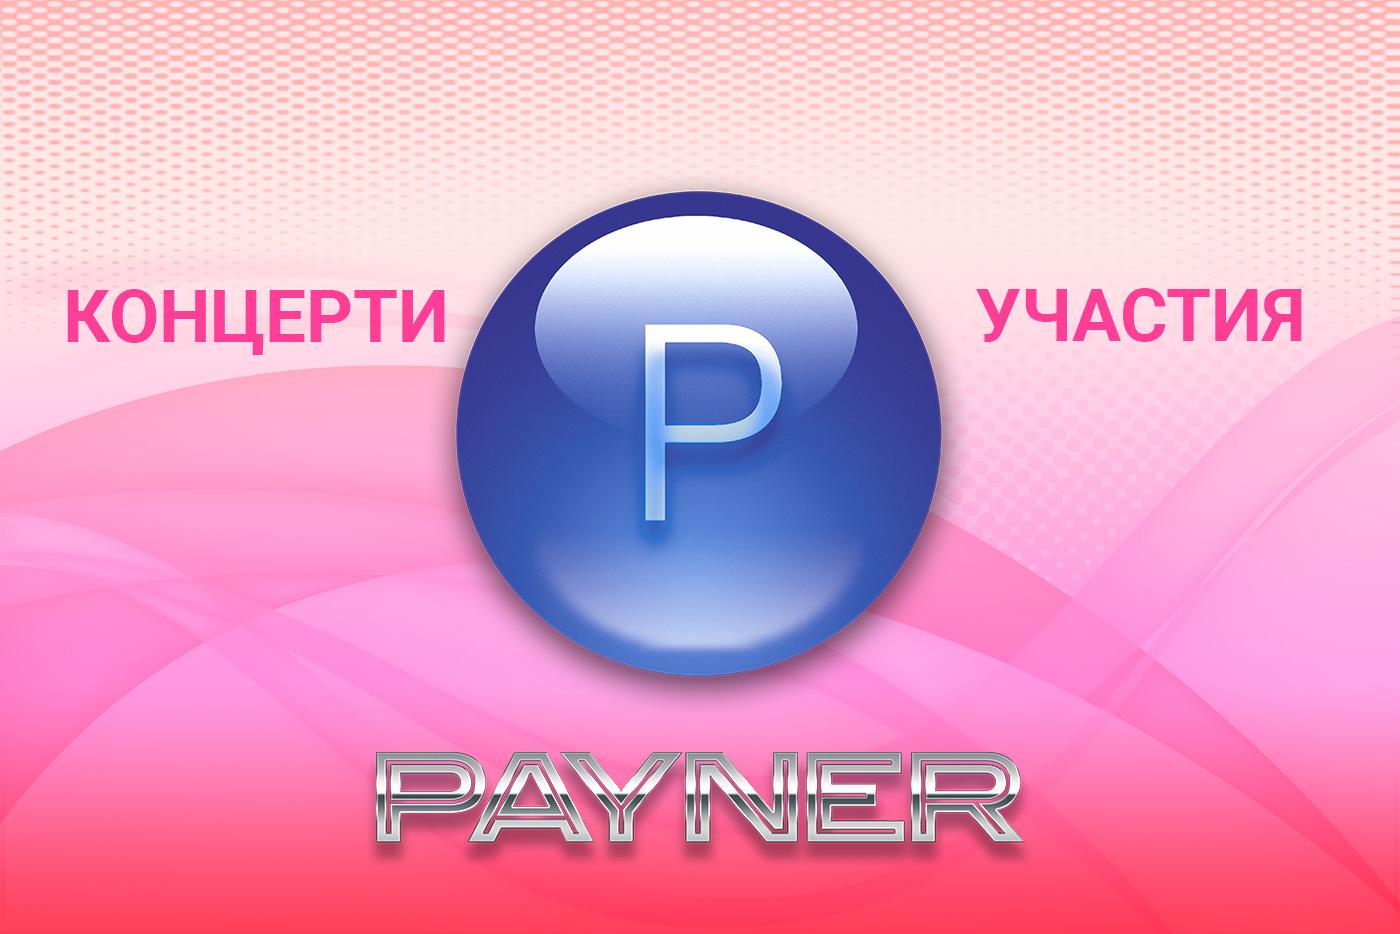 """Участия на звездите на """"Пайнер"""" на 11.02.2020"""